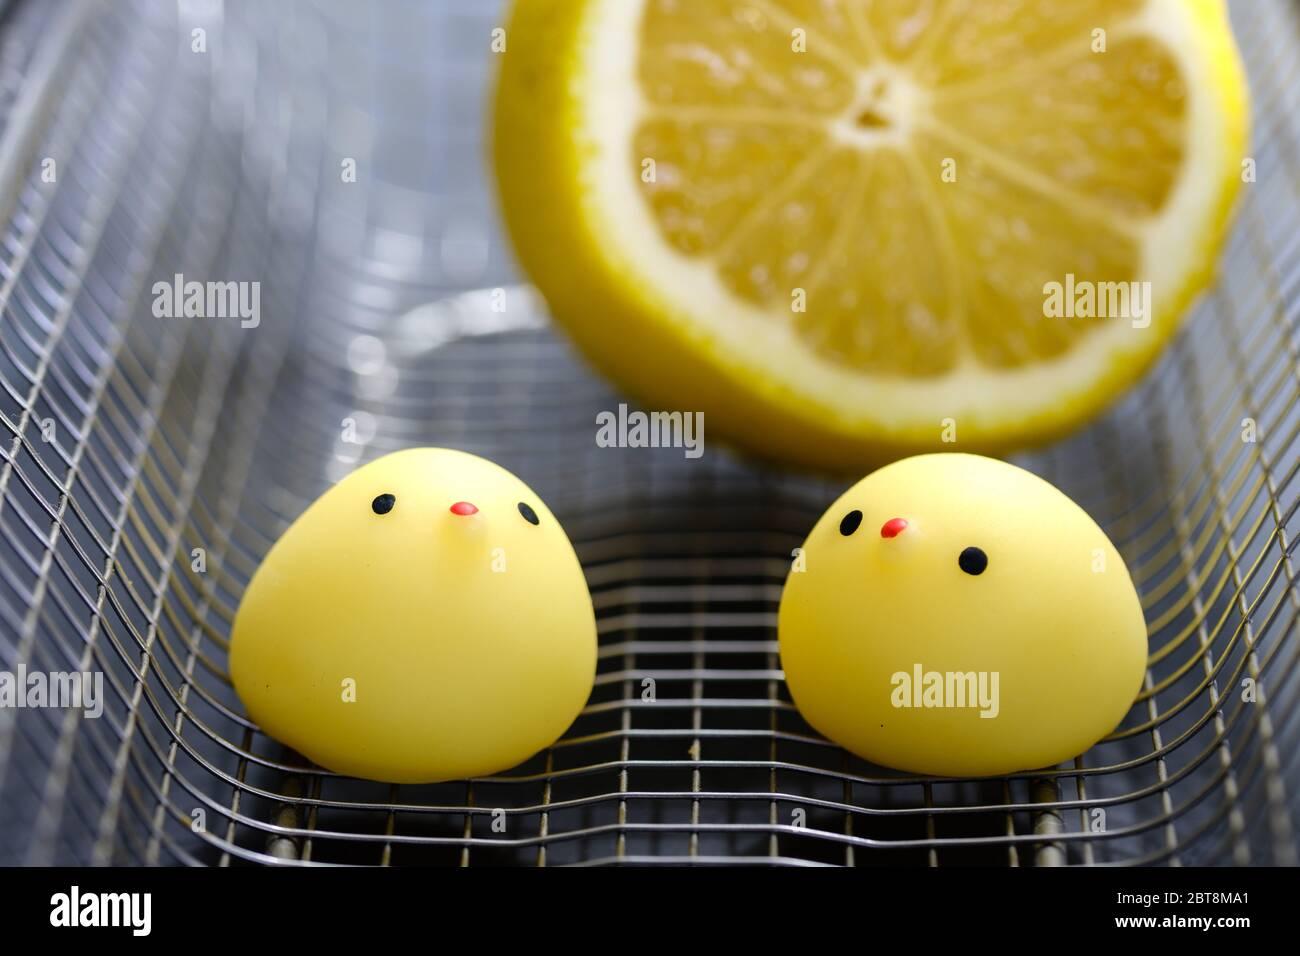 jouet de poulet avec citron dans un panier en métal Banque D'Images